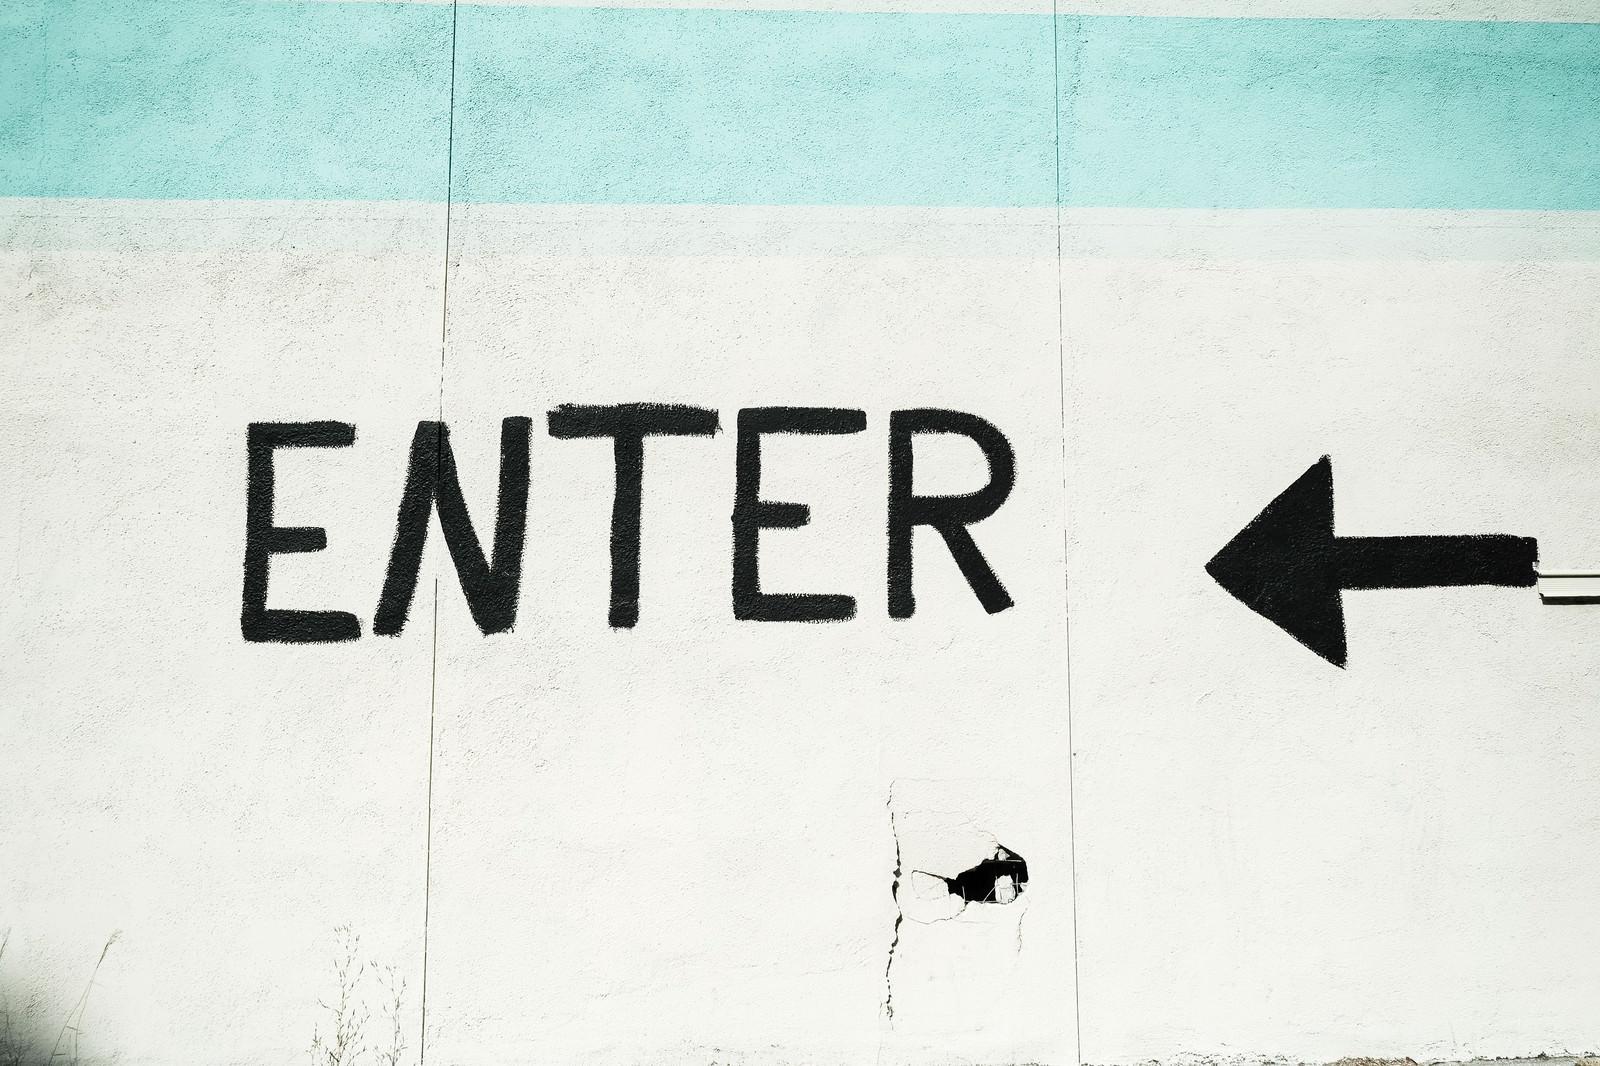 「壁に書かれた「ENTER」の文字壁に書かれた「ENTER」の文字」のフリー写真素材を拡大